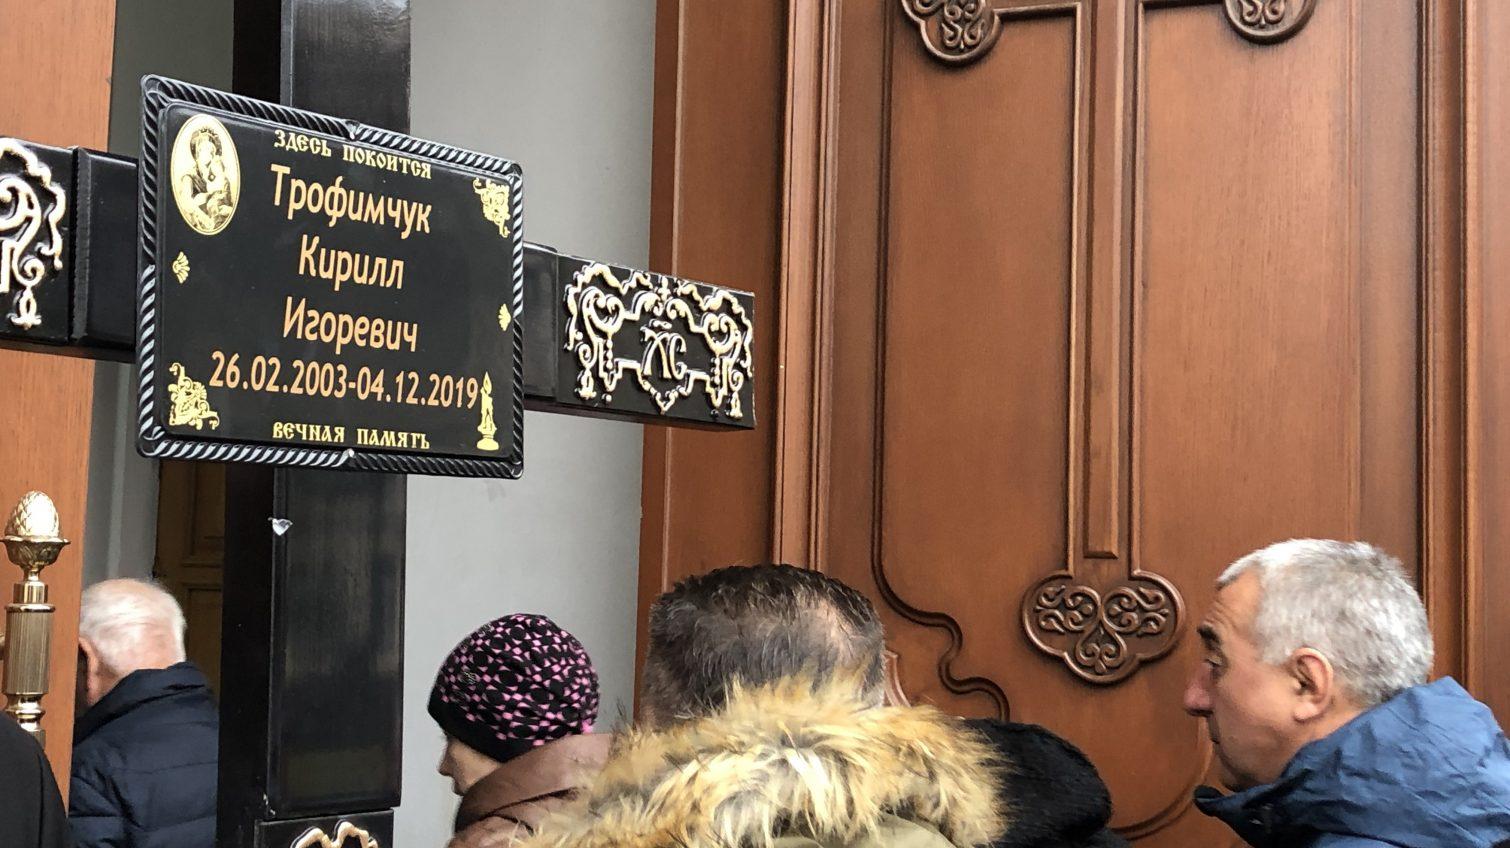 В Одессе попрощались со студентом Кириллом Трофимчуком, погибшим на трагическом пожаре на Троицкой (фото) «фото»